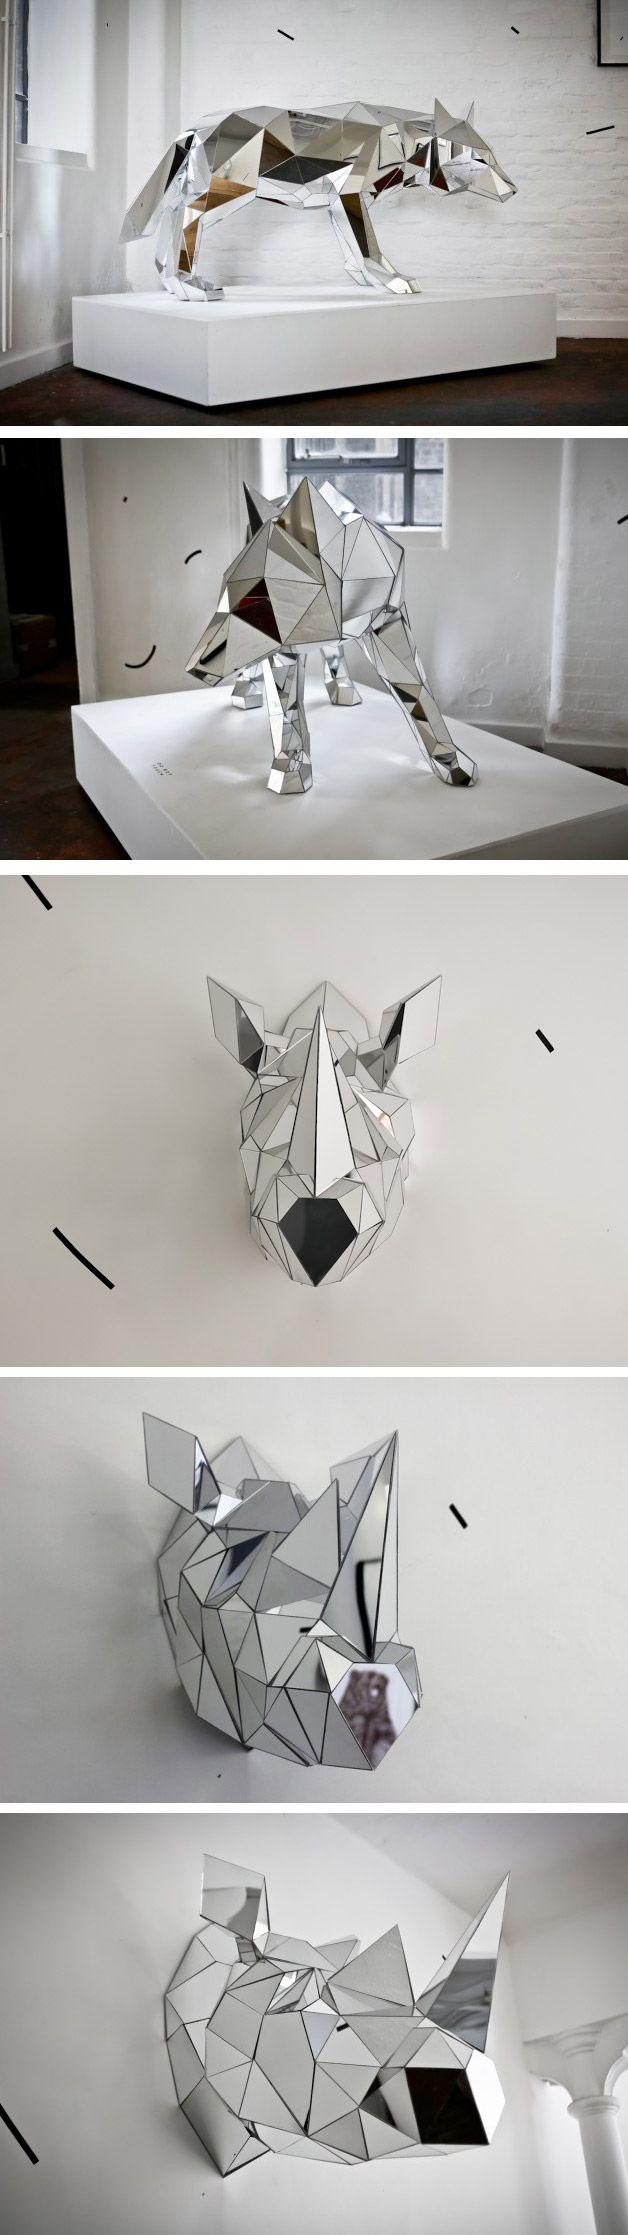 O artista Arran Gregory cria esculturas poligonais de animais usando pedaços de espelhos. Técnica e resultado sensacional.